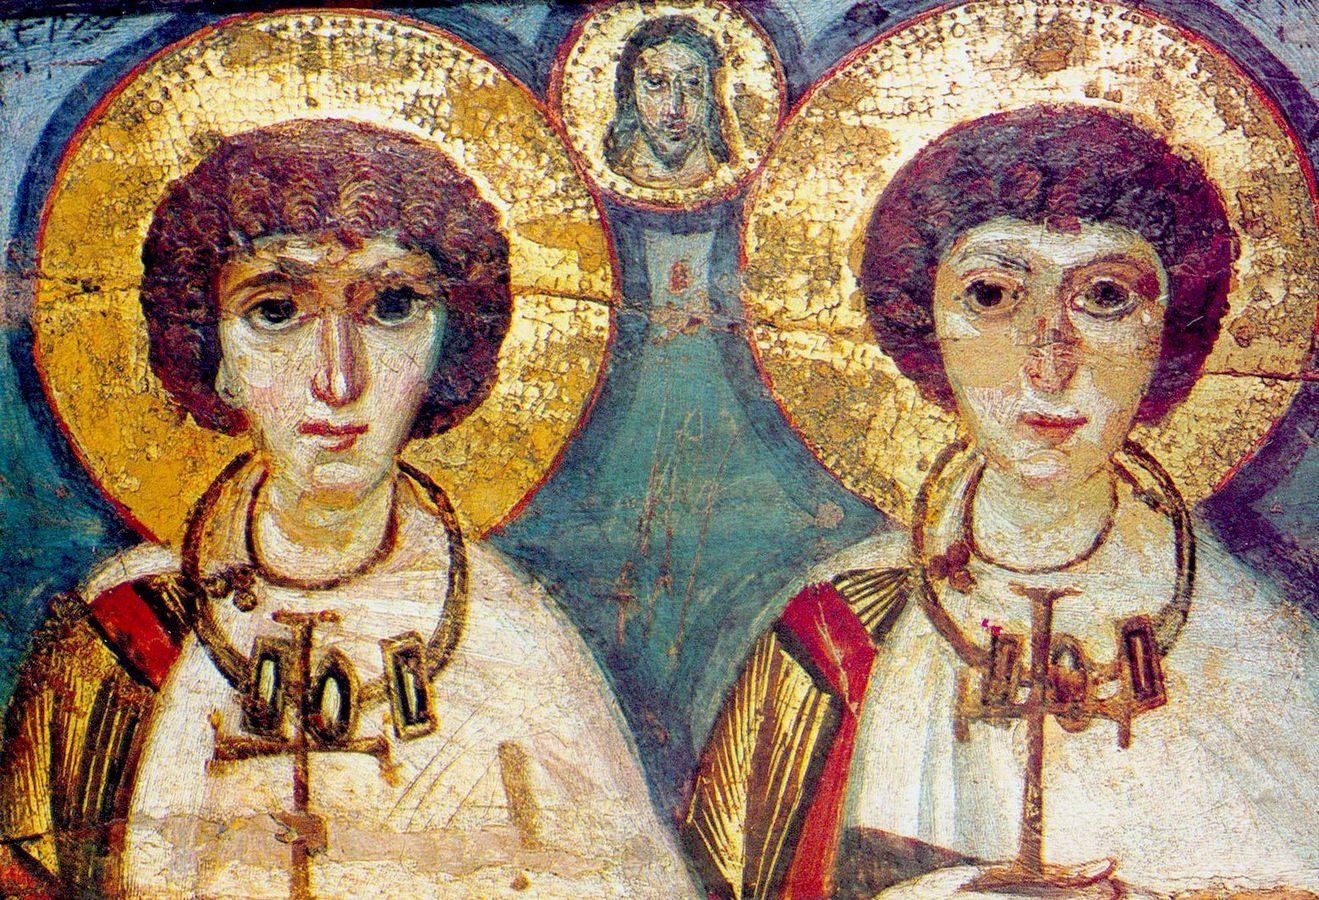 Святые Мученики Сергий и Вакх. Византийская энкаустическая икона VII века.